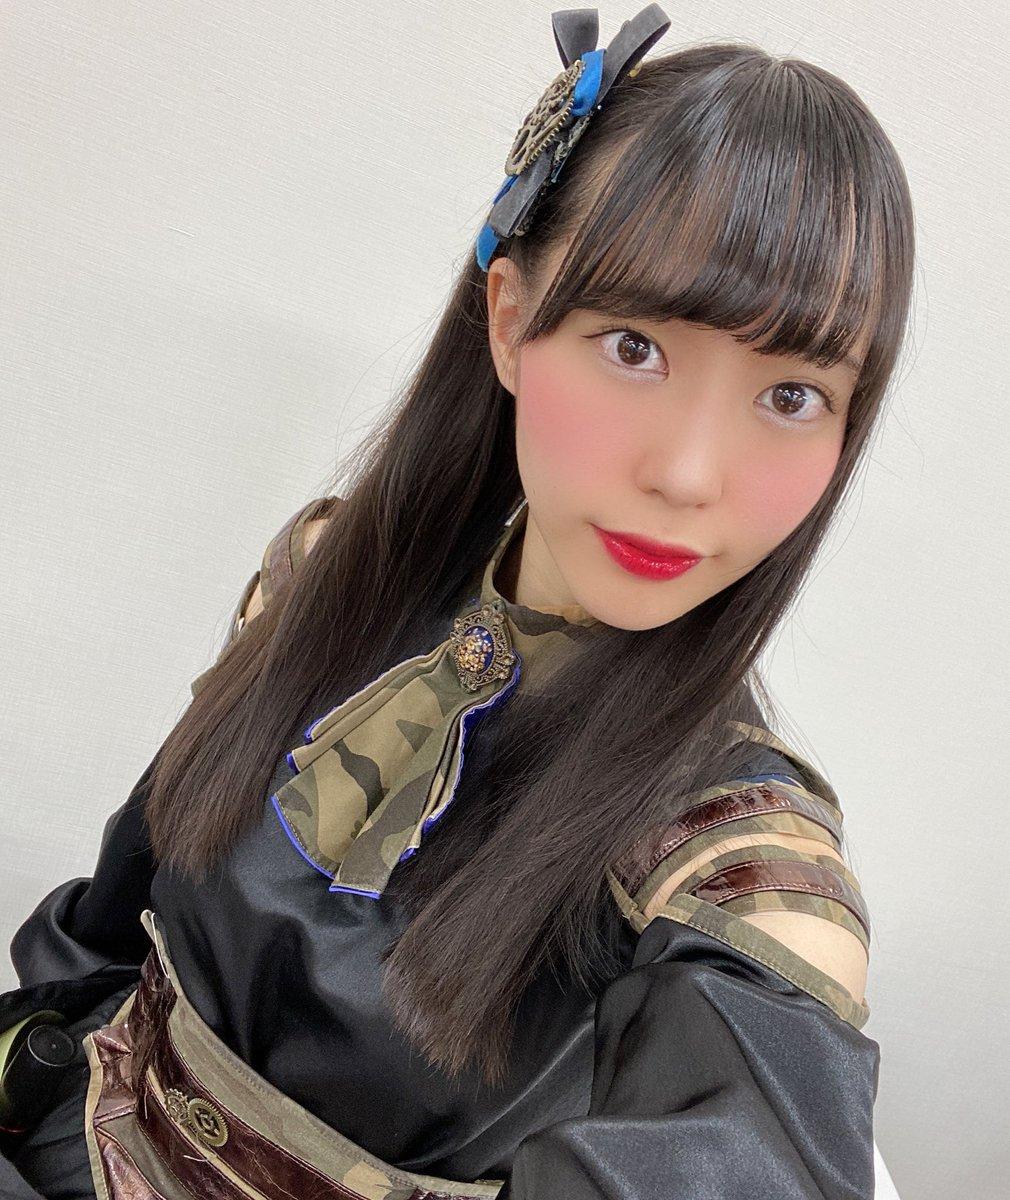 渋谷ビジョンをジャックできる現在の10月度月間一位は水野ふえ(@fue__mizuno)、二位は望月ゆの(@yuno_mochi__)、三位は美音咲月(@Satsuki__Mine) 詳細→